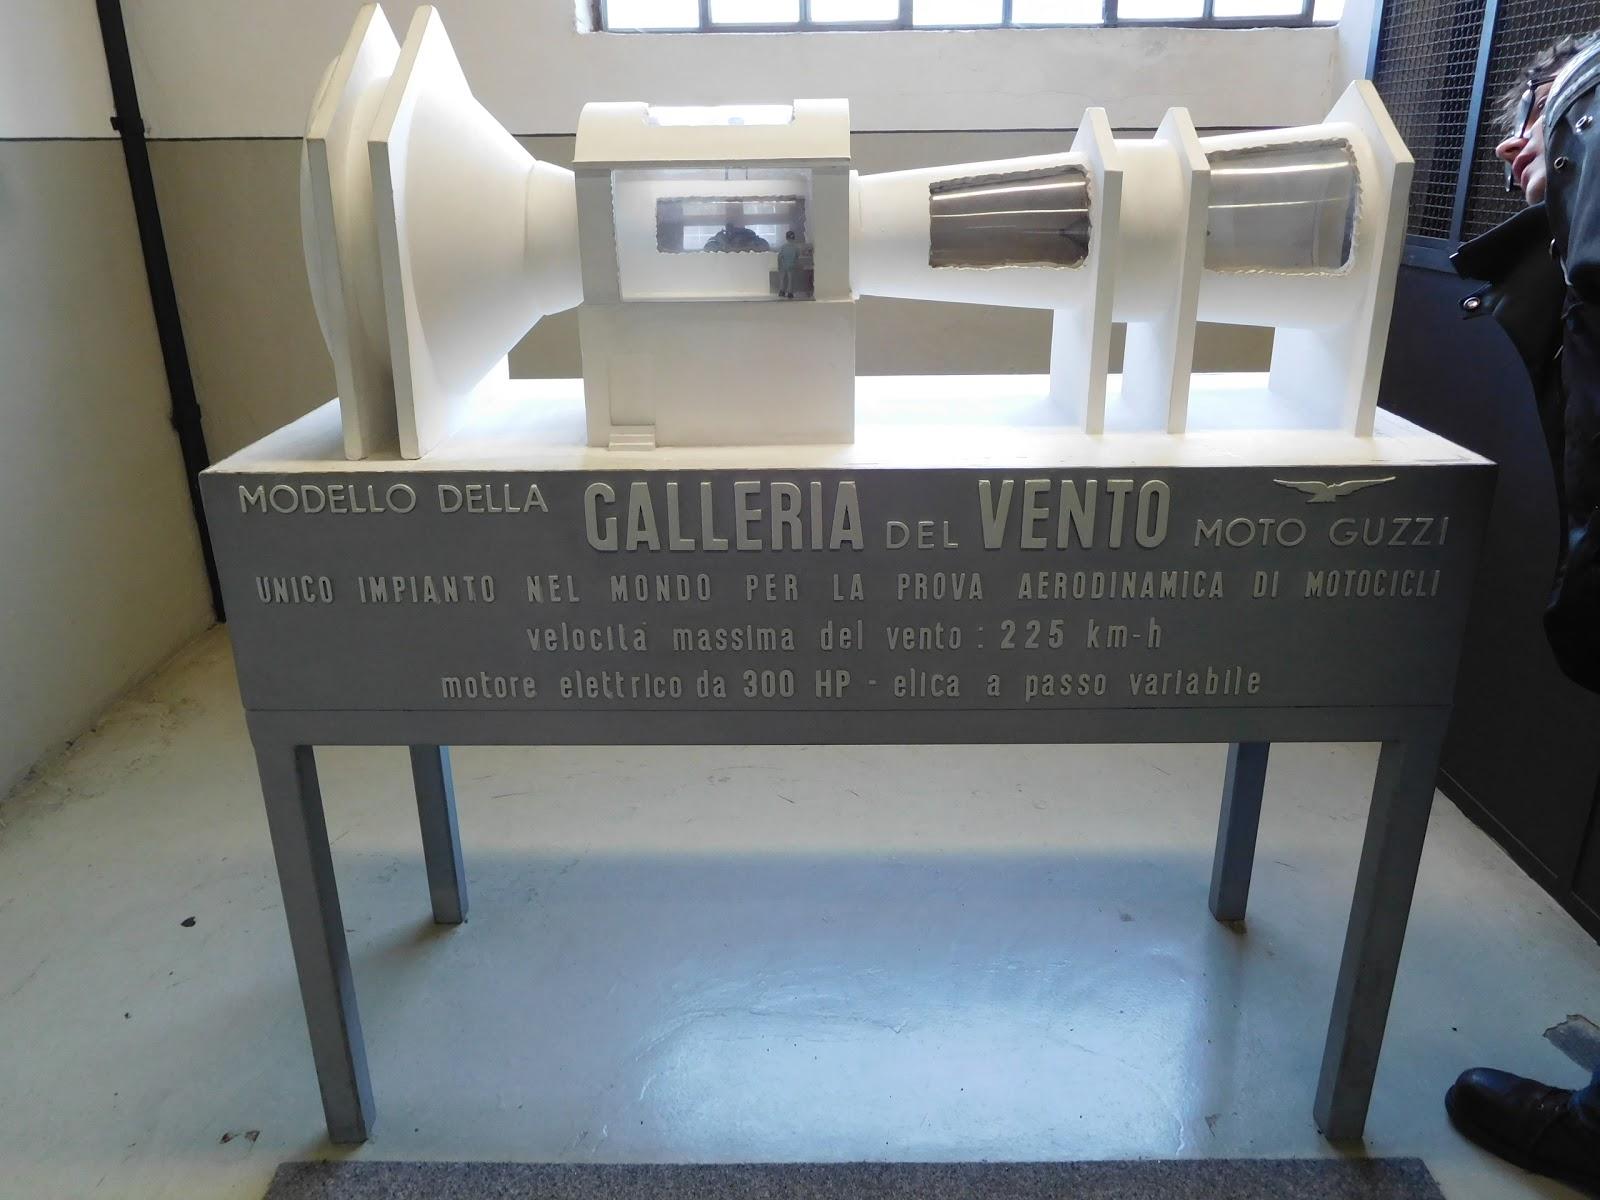 NYDucati: Moto Guzzi Galleria del Vento